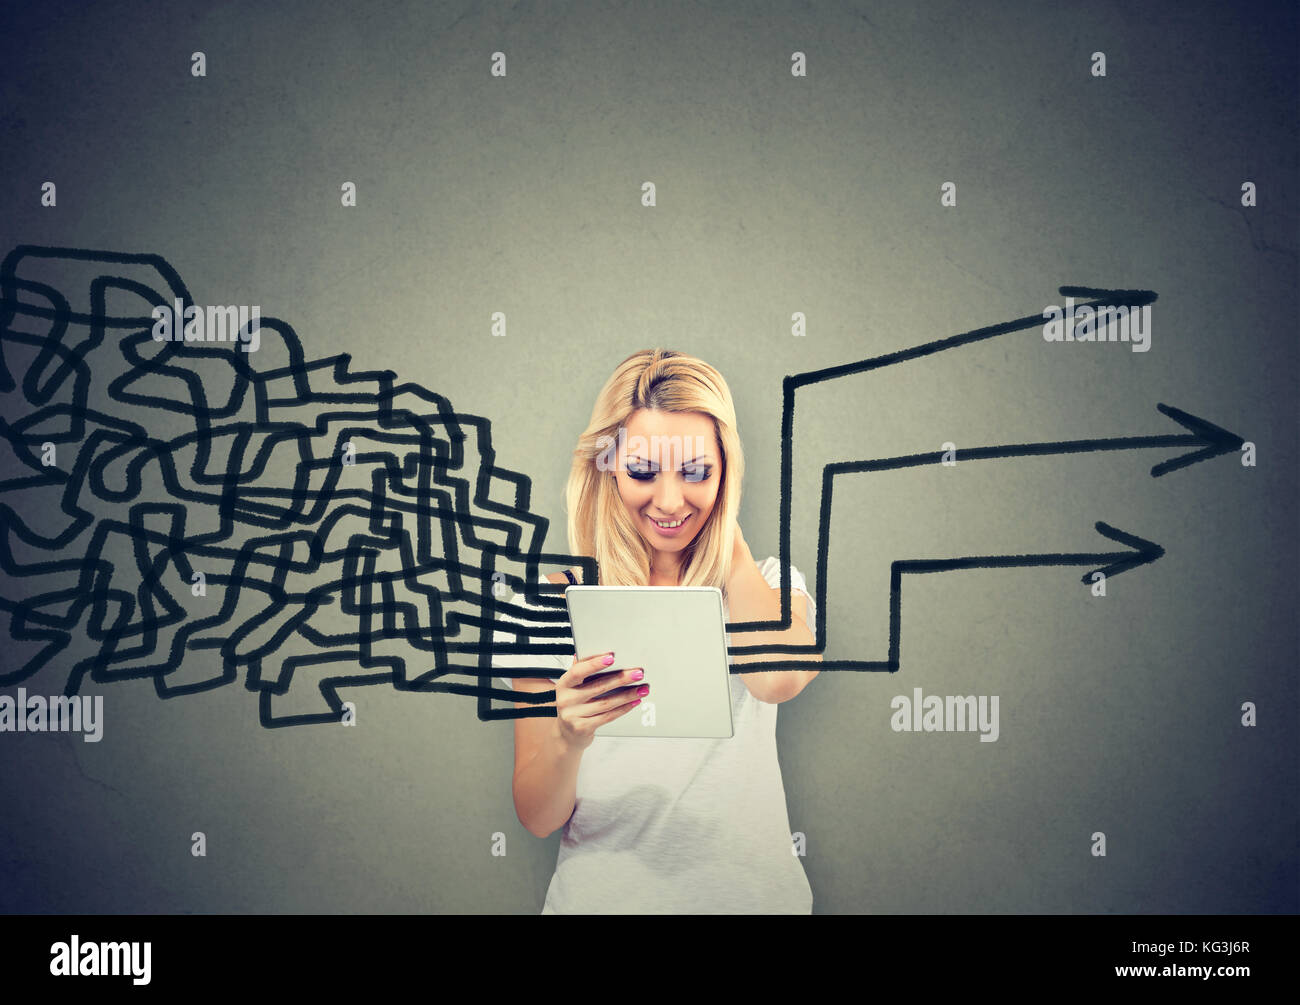 Mit Tablet Computer erhalten ihre Gedanken zusammen Planung auf grauen Hintergrund isoliert Frau Stockbild